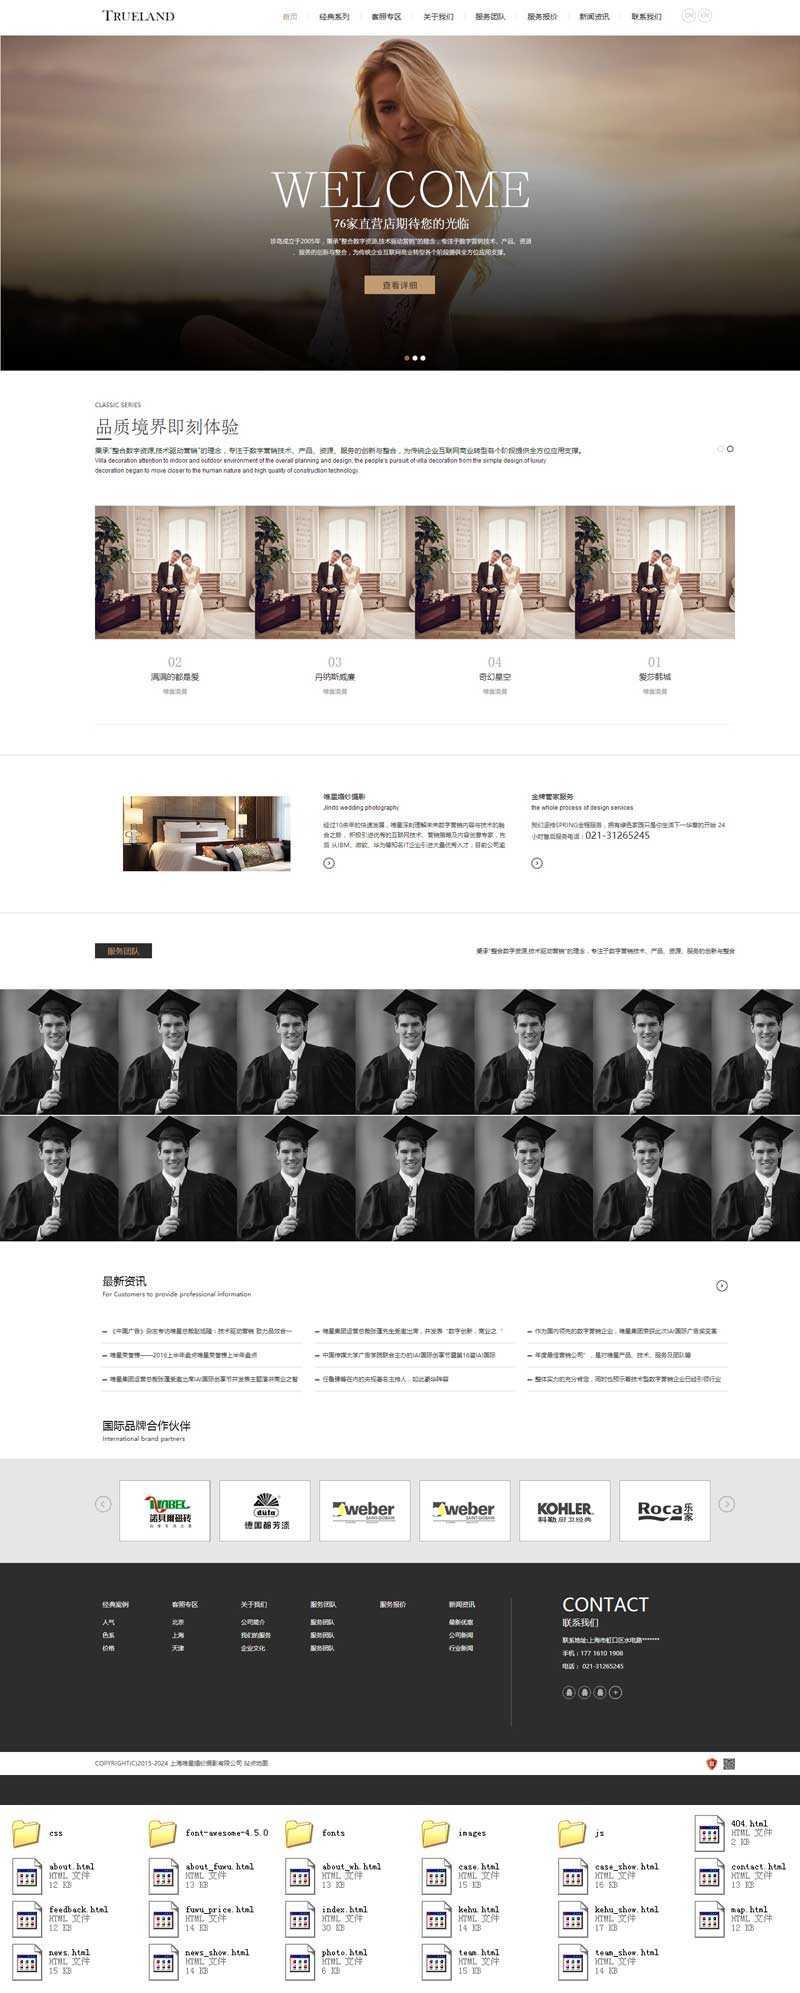 简洁大气的写真摄影工作室网站响应式模板